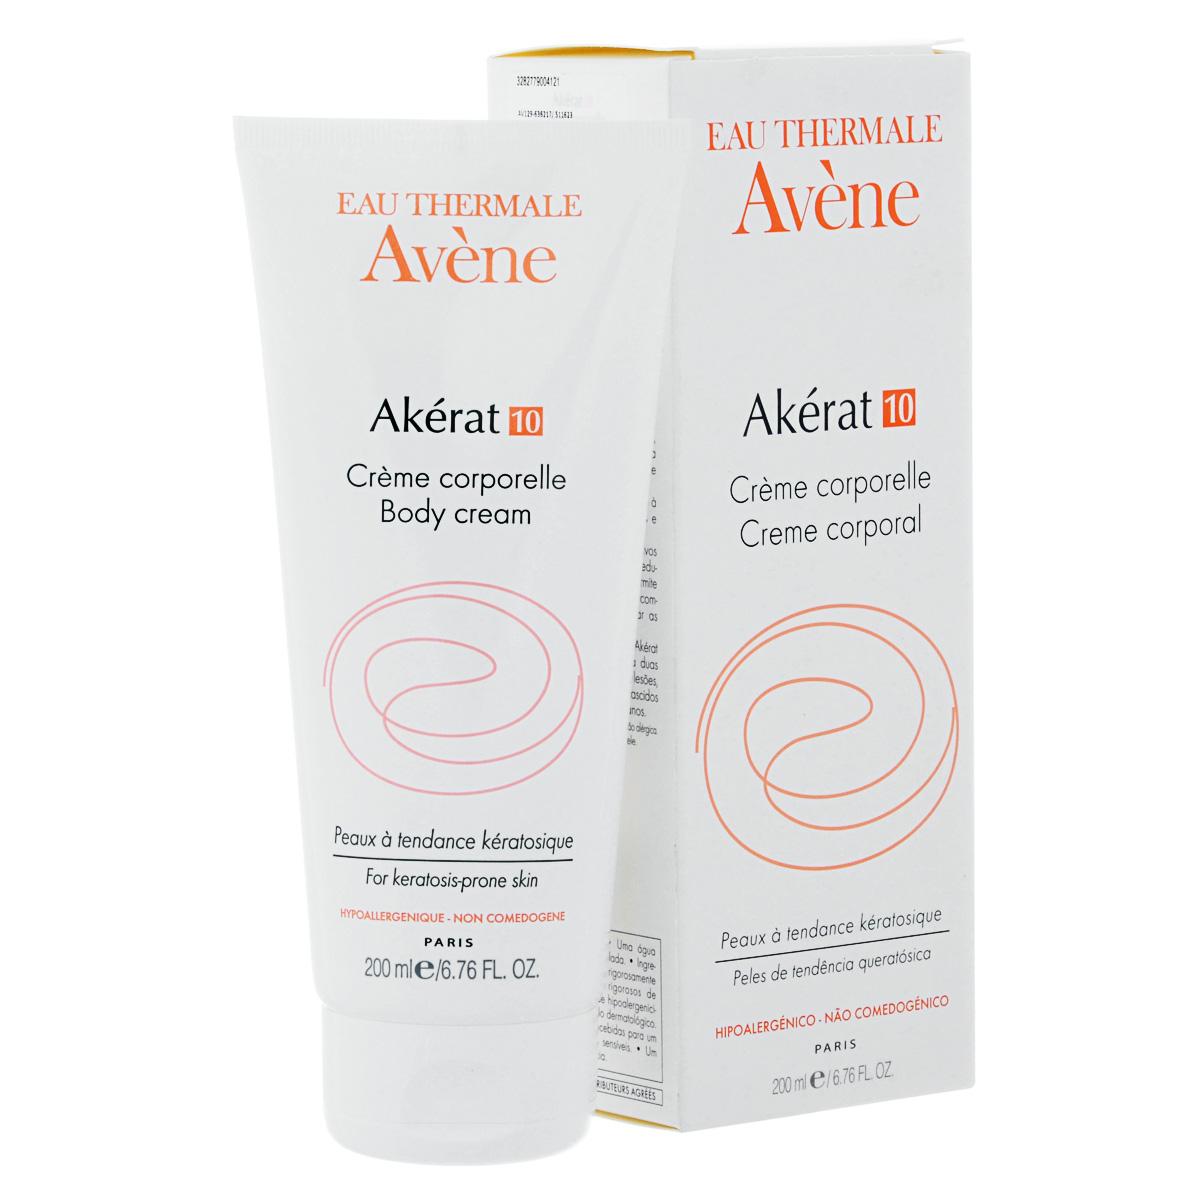 Avene Интенсивный увлажняющий крем Akerat для тела 200млC00412Смягчение и удаление шелушений, уплотнений при очень сухой коже, помогает при проявлении гиперкератоза ног - образование натоптышей и сухих мозолей, а также при псориазе.Применяется для увлажнения очень сухой, шершавой и шелушащейся коже. Только Акерат обеспечивает максимально эффективное удаление ороговевших клеток за счет 3-х активных компонентов! Молочная кислота + Мочевина + Салициловая кислота Устраняет шелушение.Усиливает способность кожи удерживать влагу.Делает гладкой и мягкие текстуру кожи Не содержит отдушек. Содержит Термальную воду Avene - успокаивает и смягчает кожу.Гипоаллергенно.